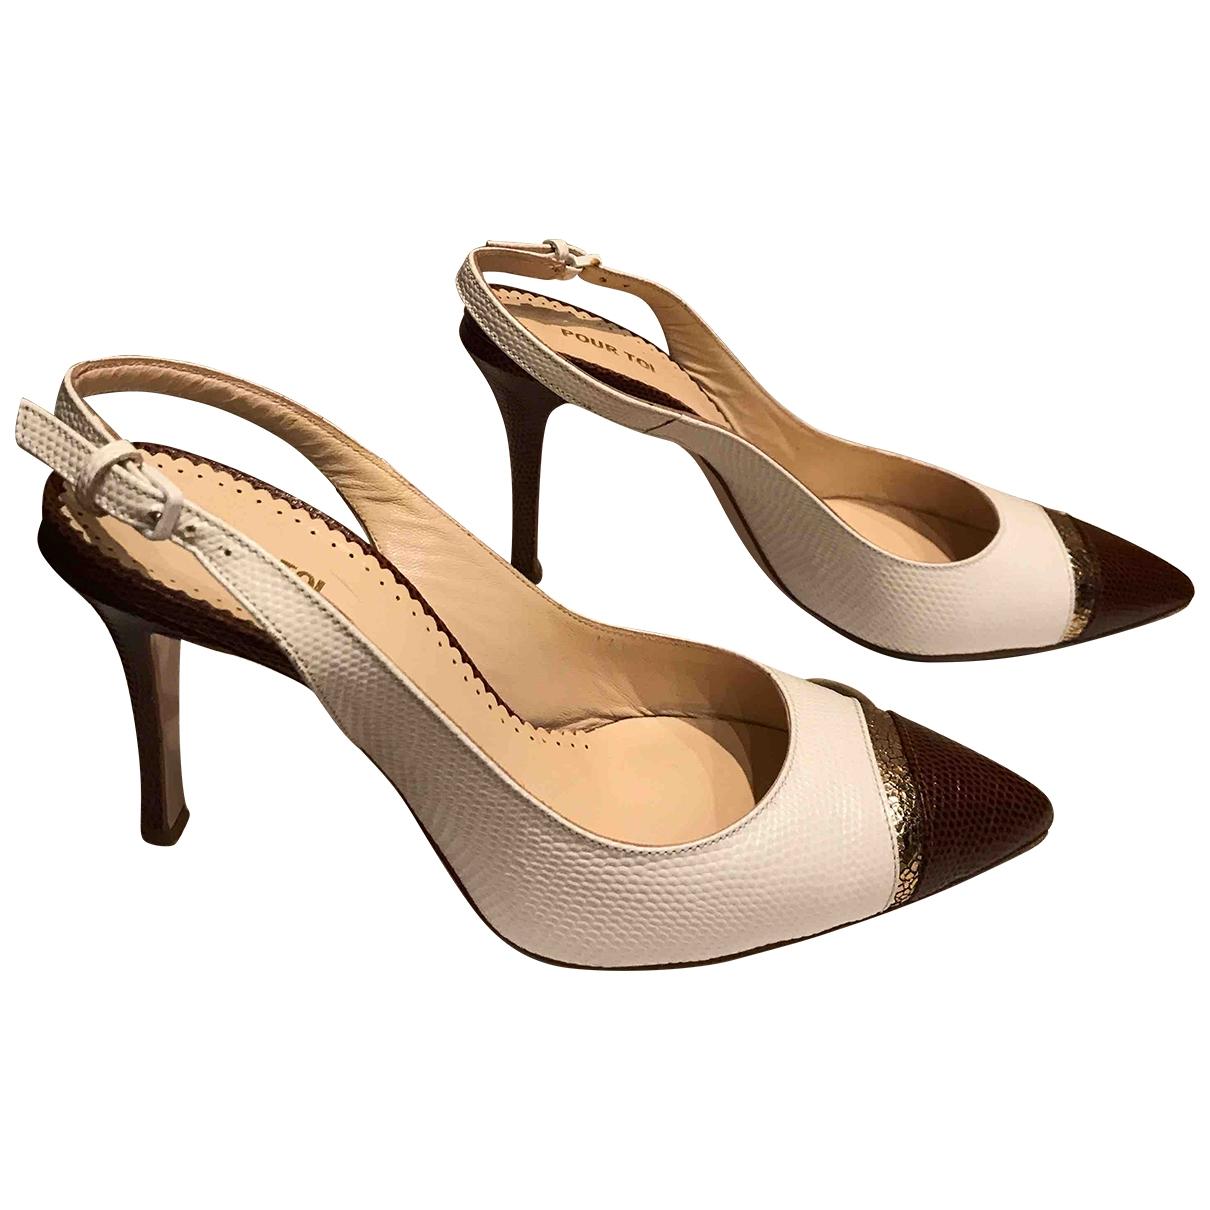 Pas Pour Toi \N White Leather Heels for Women 37 EU